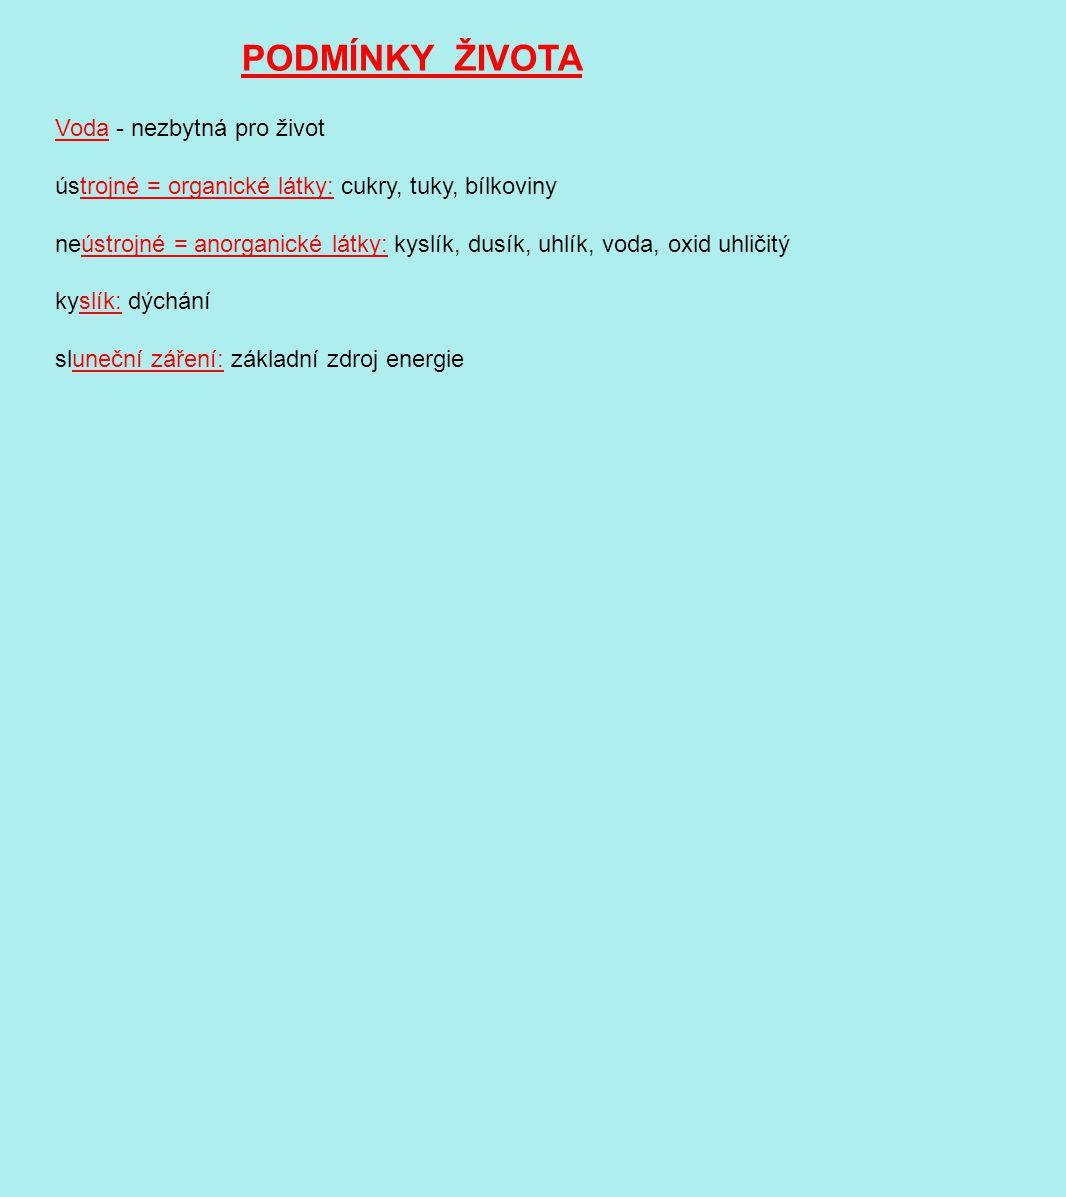 MLŽI - ve sladké i slané vodě - lastury - 2 škeble rybničná -ve vodě tělo: svalnatá noha, útrobní vak, hlava - chybí - kryje plášť lastury spojeny svaly DS: žábry RS: odděleného pohlaví vajíčka - larva - přichytne na kůži ryb - cizopasí - škeble nepřímý vývin zástupci: perlorodka říční perly - šperkařství perlotvorka mořská slávka jedlá hřebenatka jakubská v moři srdcovka jedlá ústřice jedlá - lahůdka v restauraci